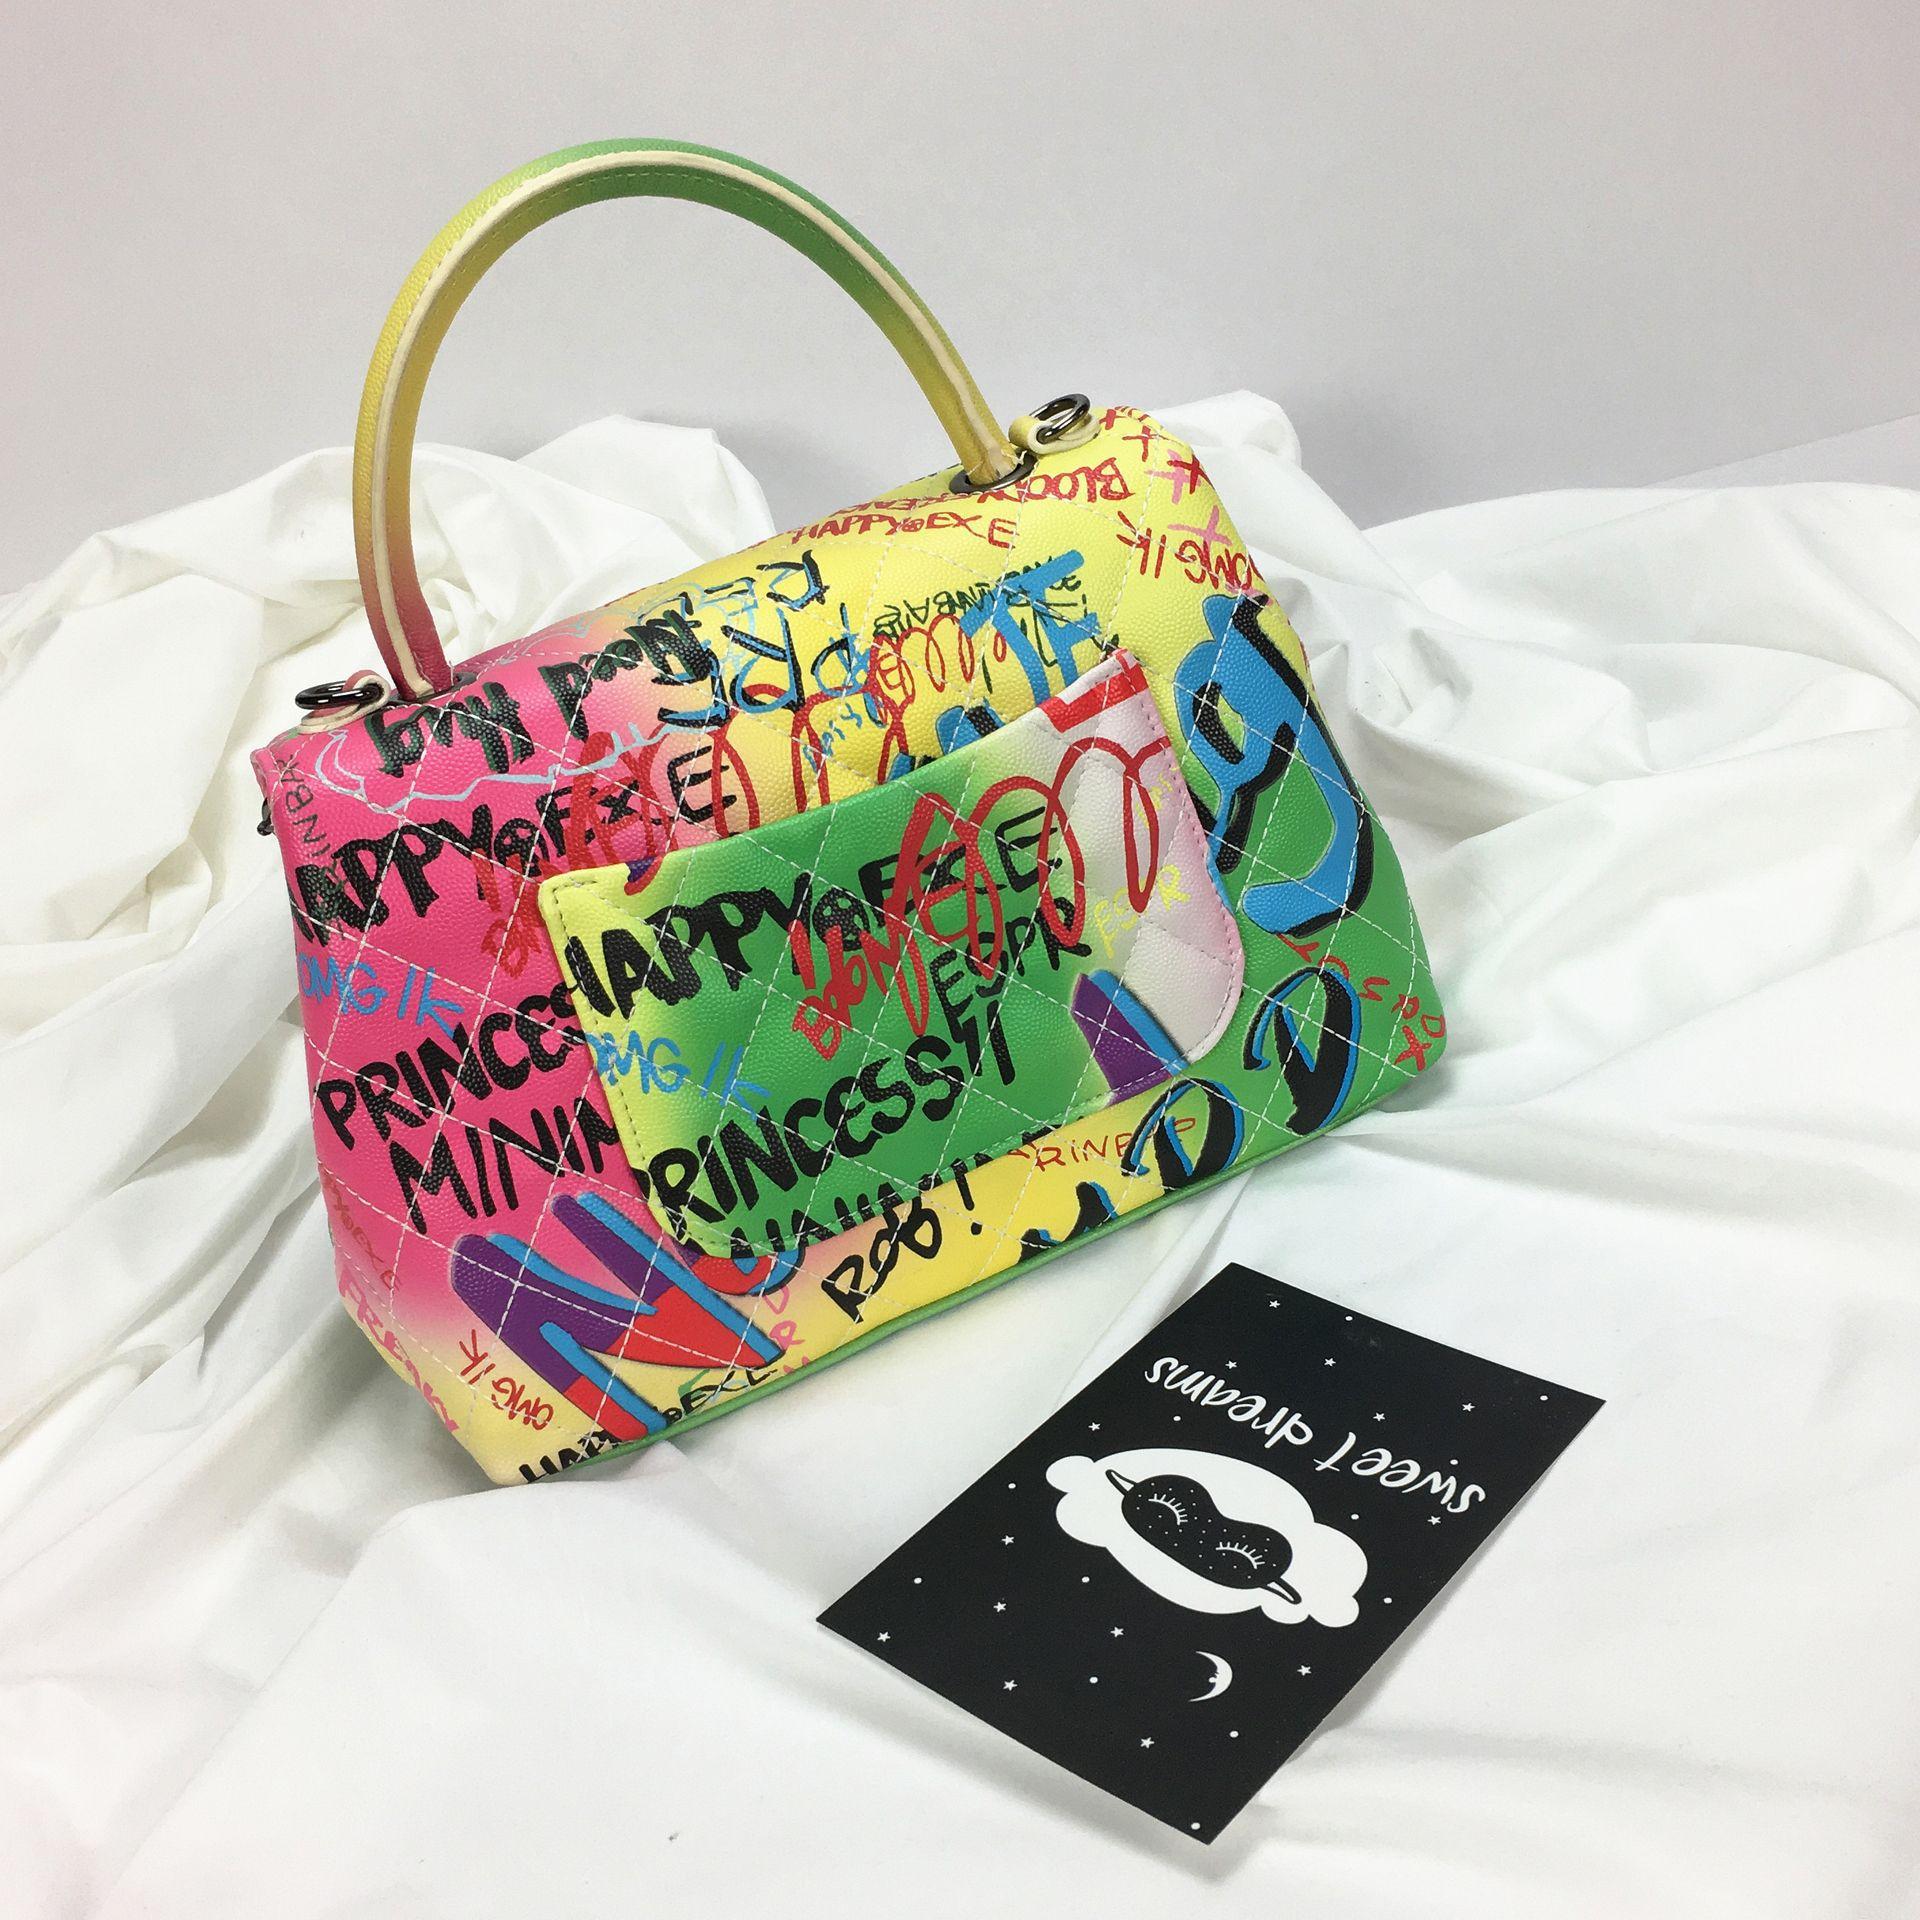 Sac à Main en cuir Graffiti épaule bandoulière sacs pour femmes 2019 célèbre concepteur dames Sac fourre-tout de luxe Sac Main Femme Bolso - 3